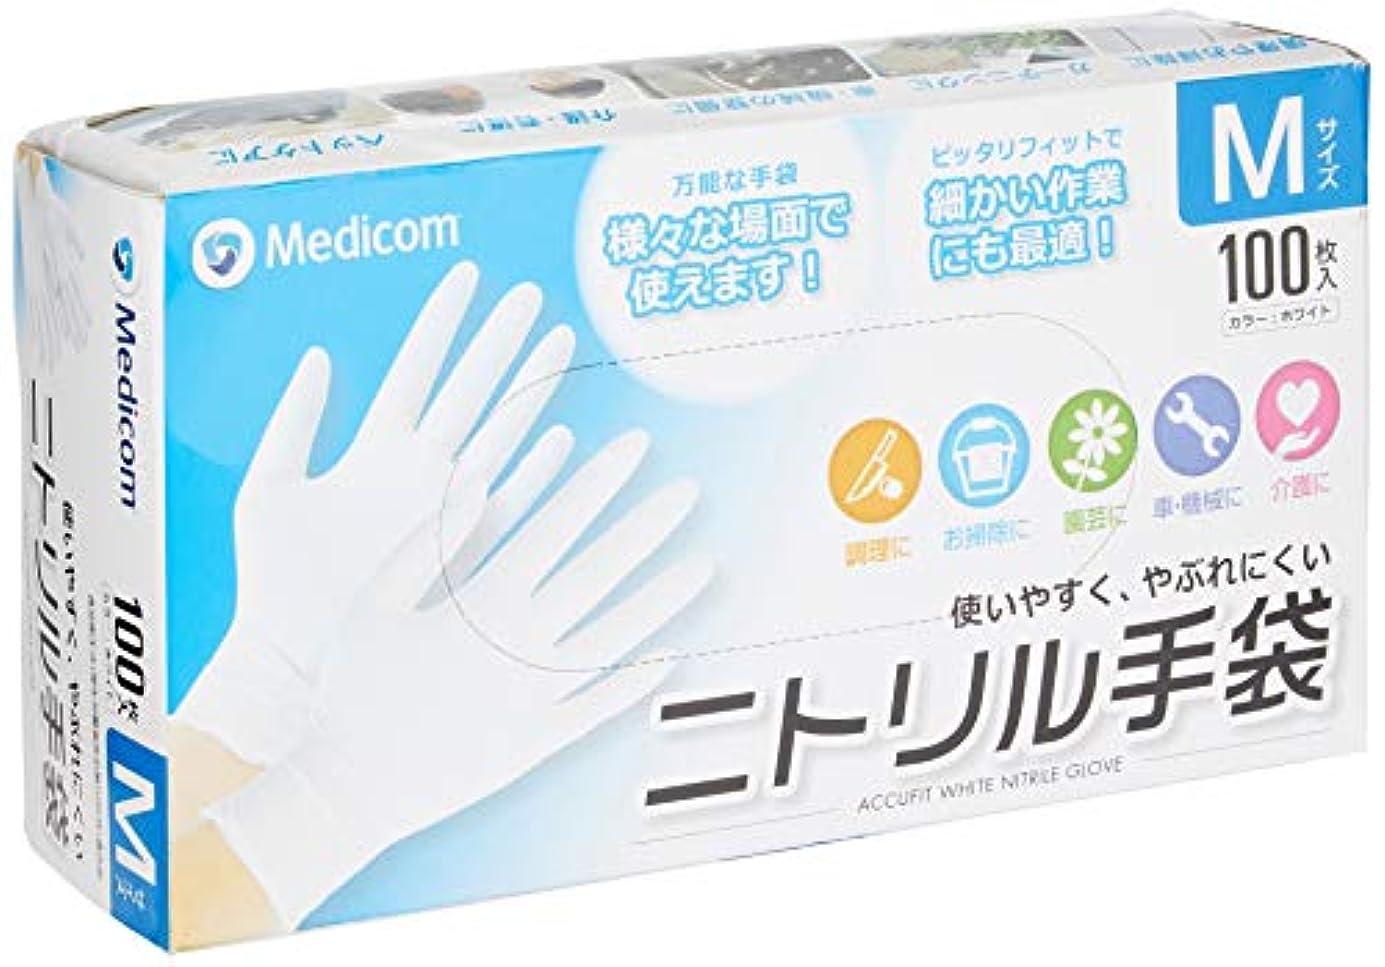 無視できる滑りやすいアストロラーベアキュフィット ホワイト ニトリル手袋 Mサイズ ACFJN1284C